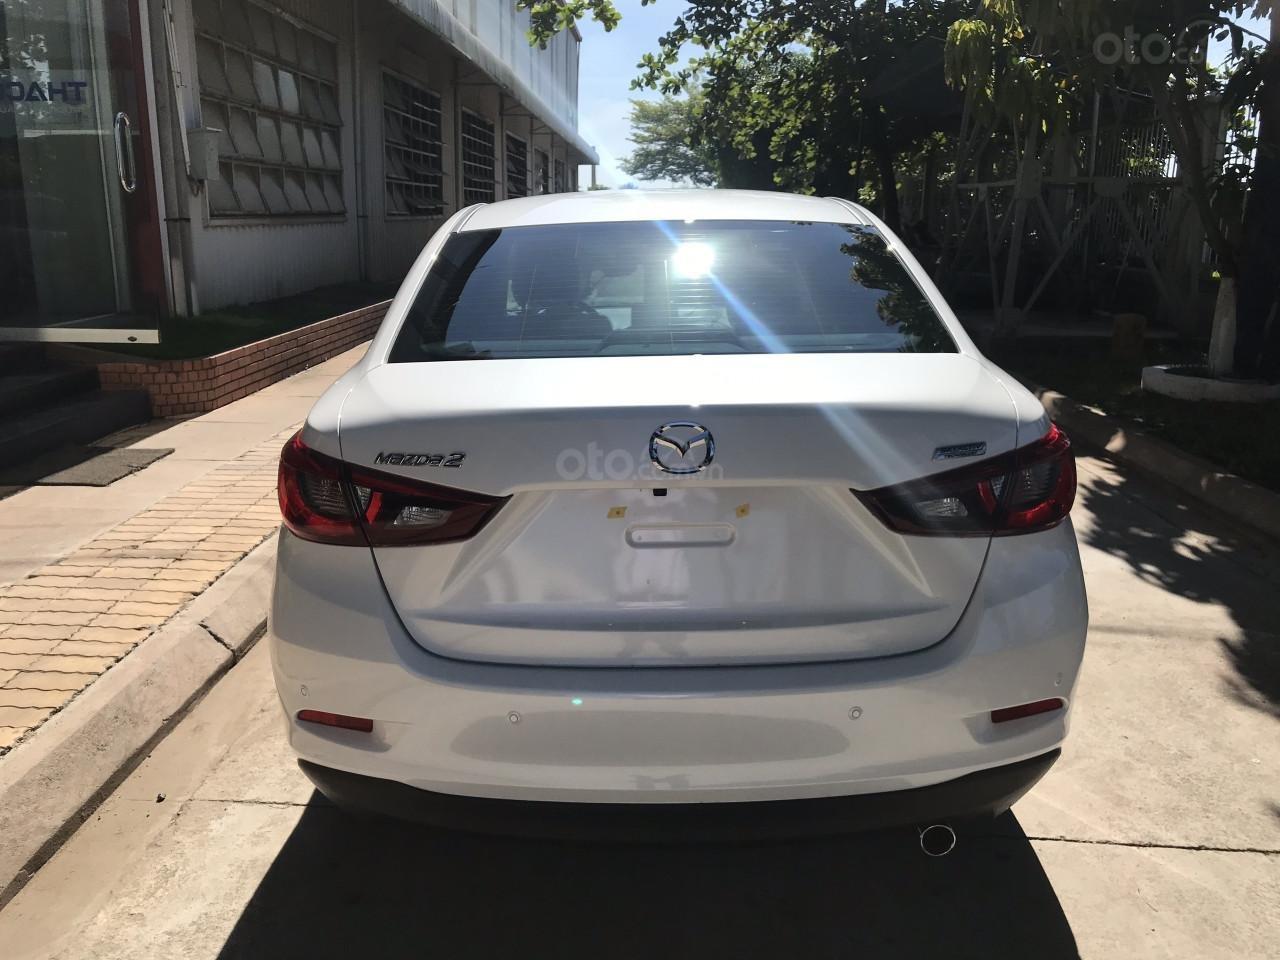 Bán xe Mazda 2 2019 nhập nguyên chiếc Thái Lan, LH: 0938 906 560 Mr. Giang (6)